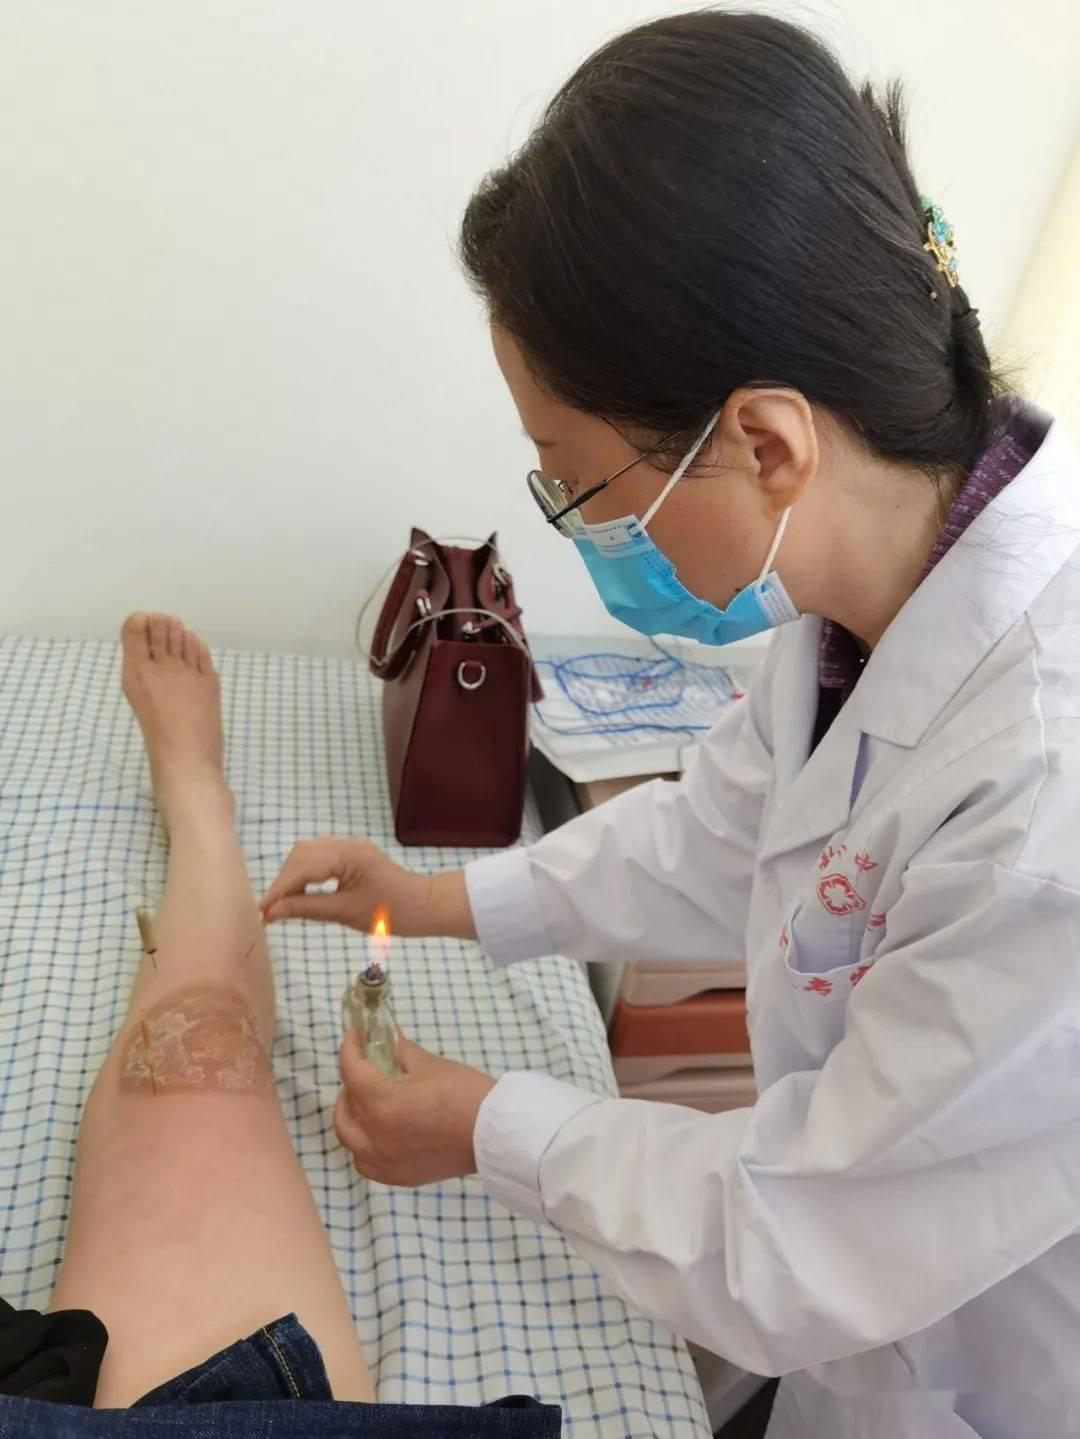 手臂手腕针灸后遗症,针灸扎到神经有危险吗